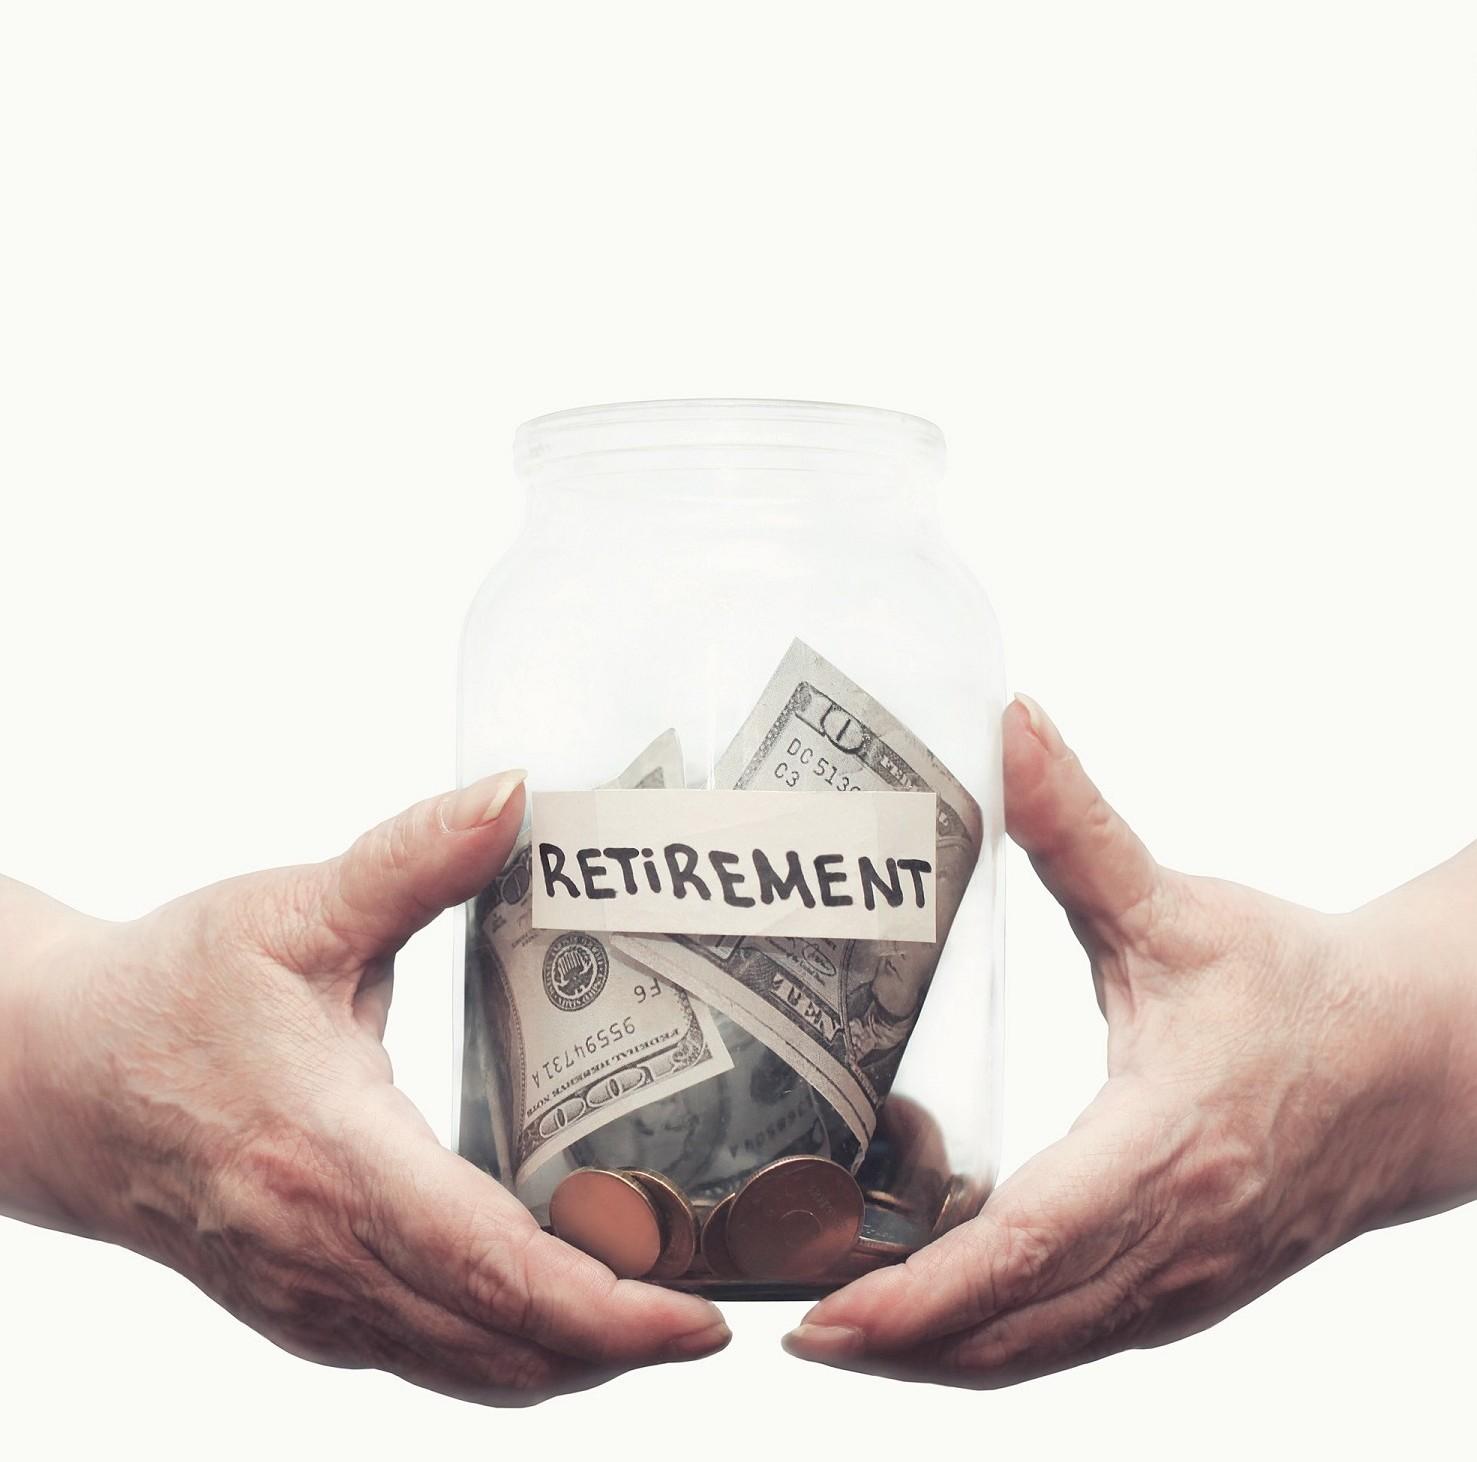 Pensioni novità: priorità da cambiare ri